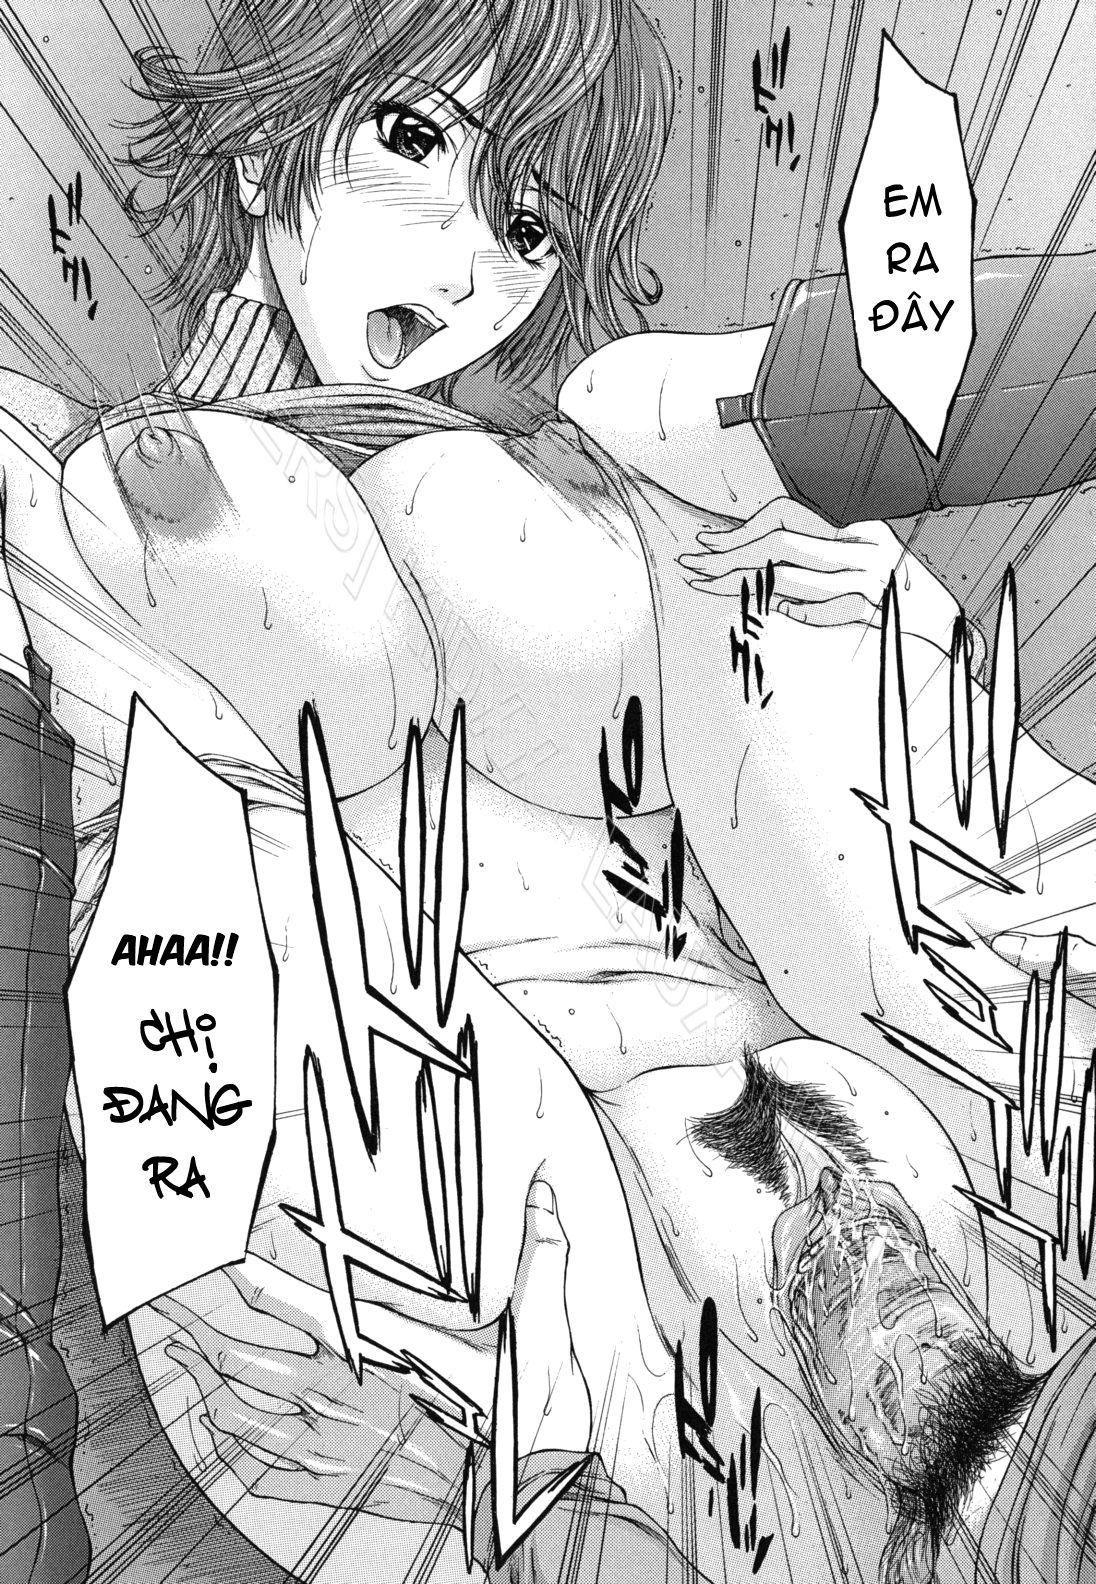 Hình ảnh nudity www.hentairules.net 216%2Bcopy trong bài viết Nong lồn em ra đi anh